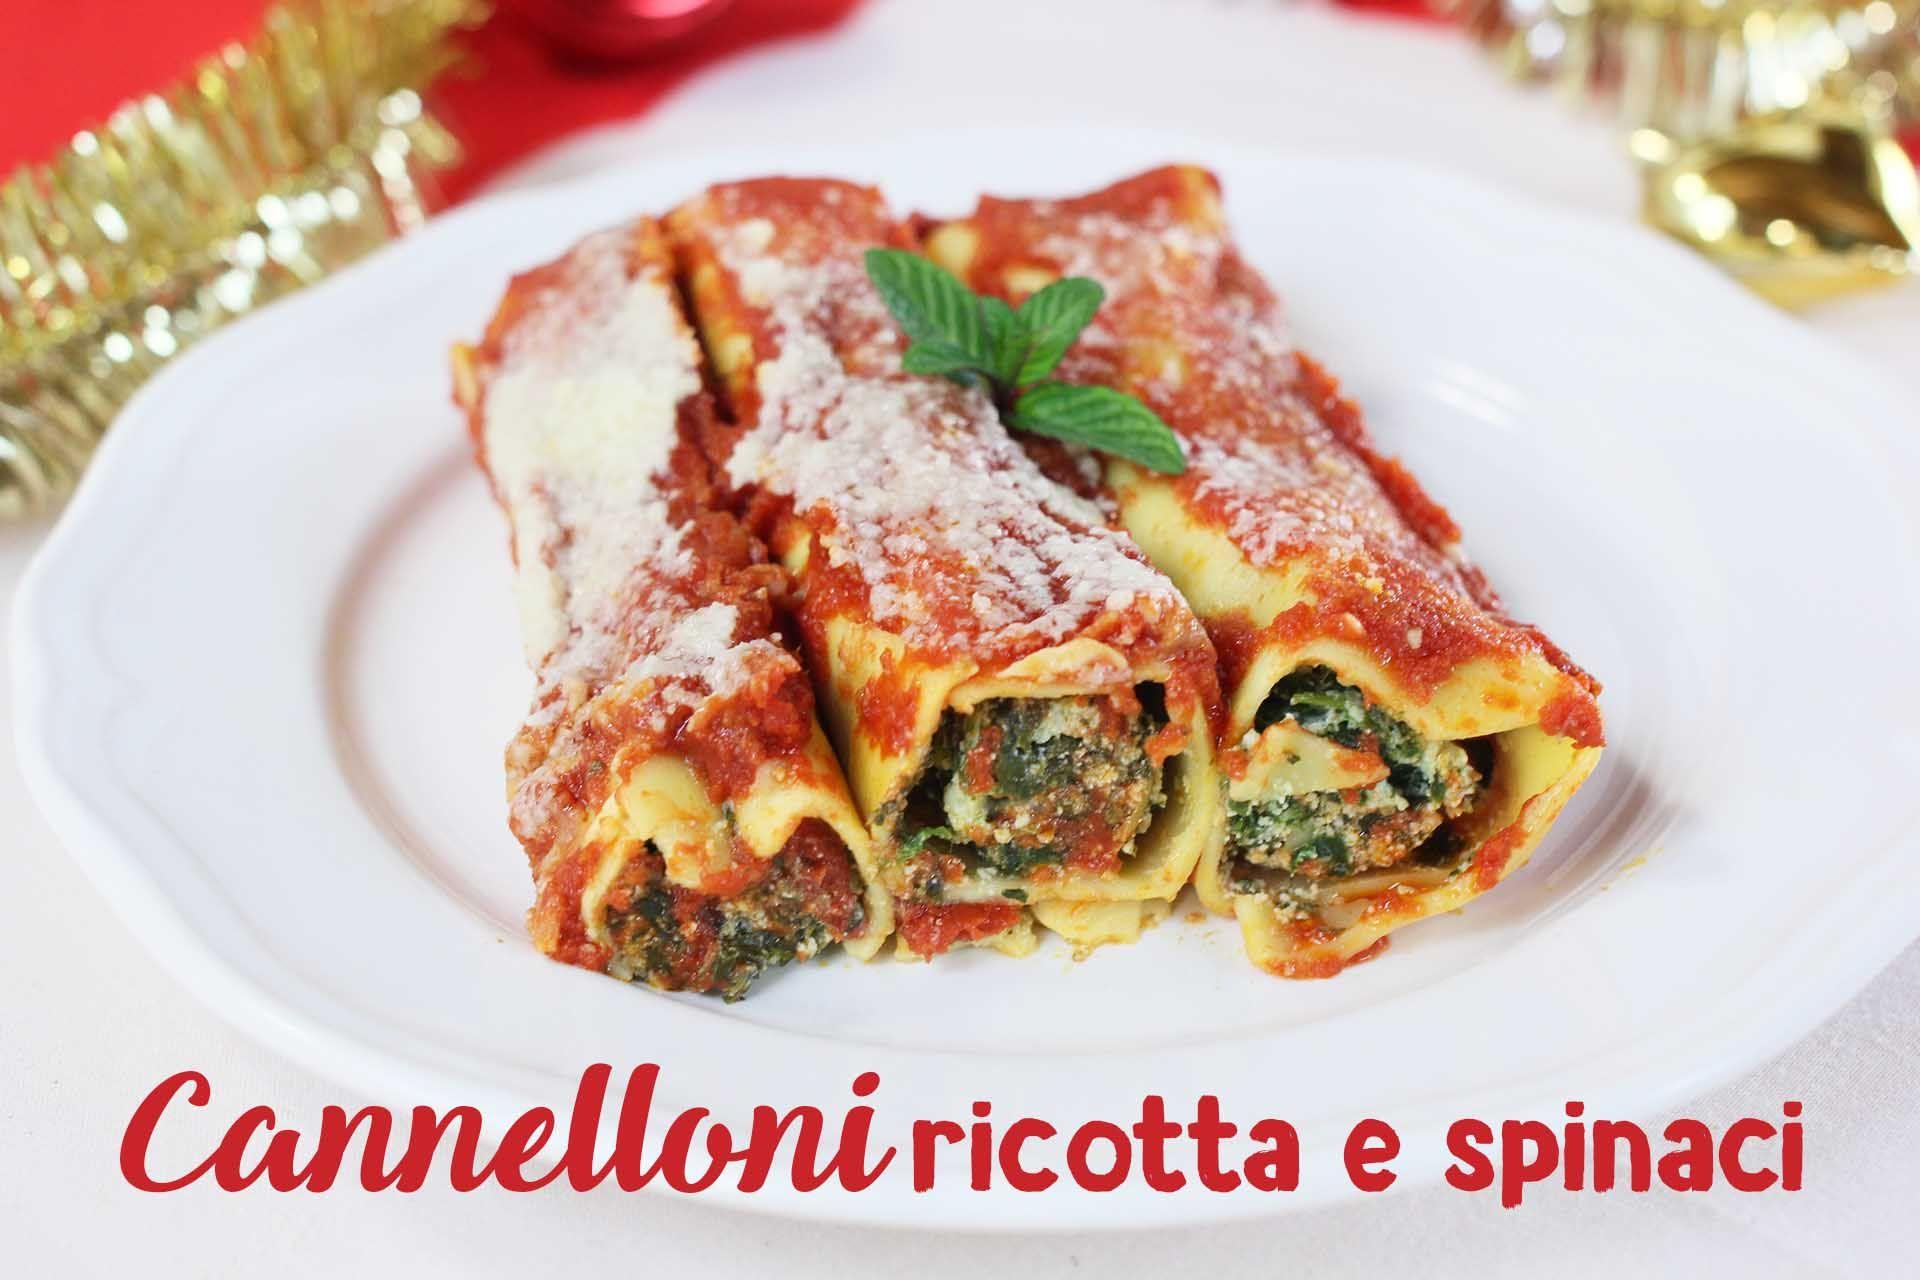 59e58fcf8b08c2a9d681f148c447d8c8 - Cannelloni Ricette